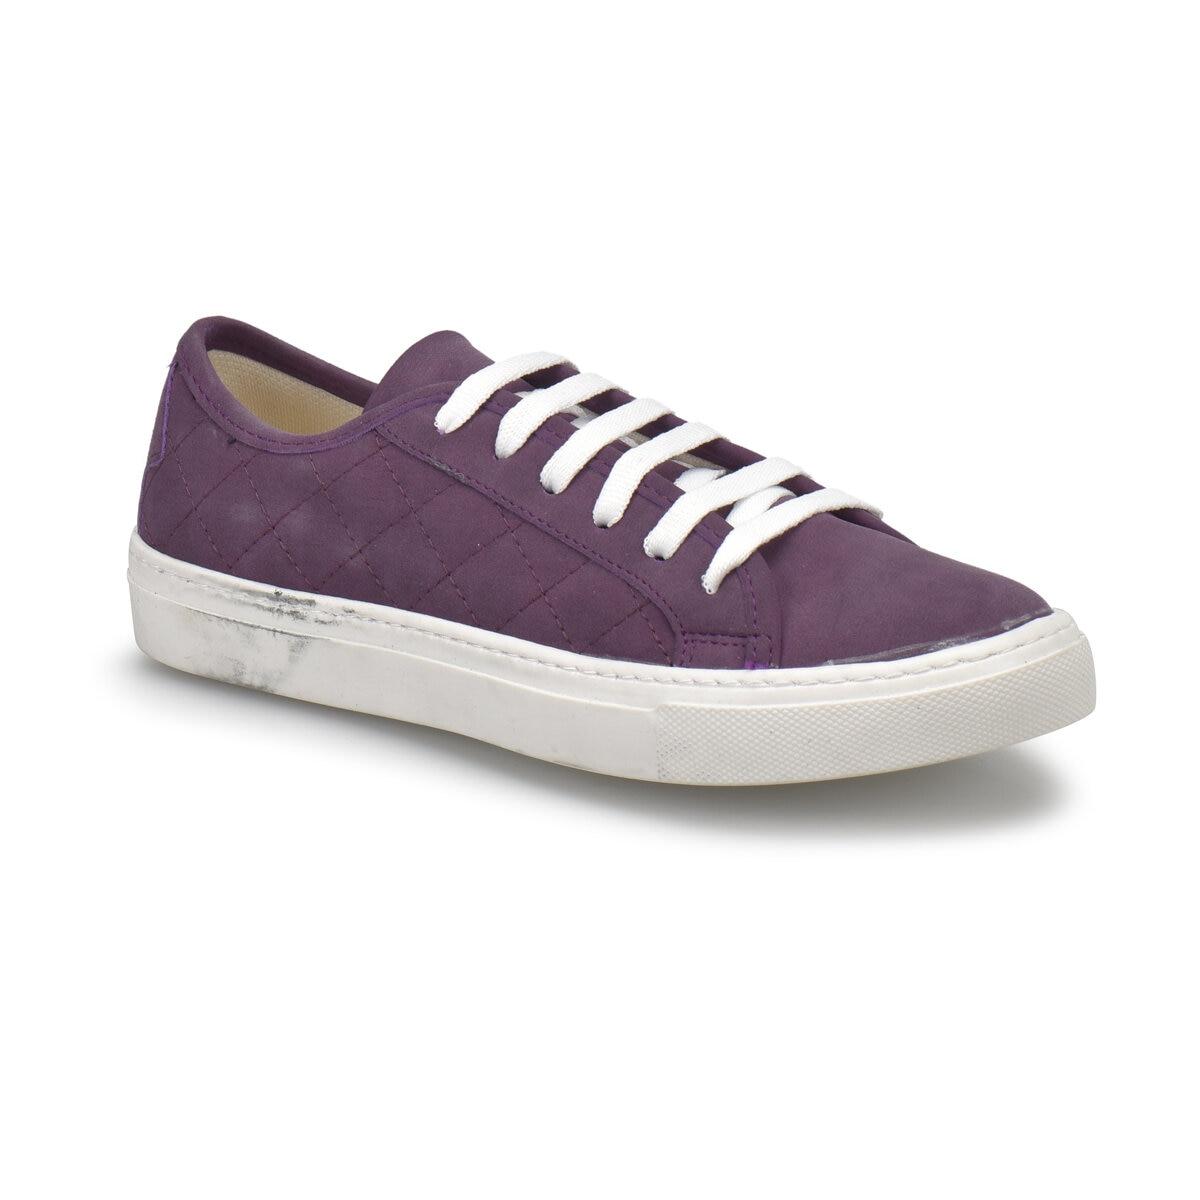 FLO CW17092 Purple Women 'S Sneaker Shoes Art Bella